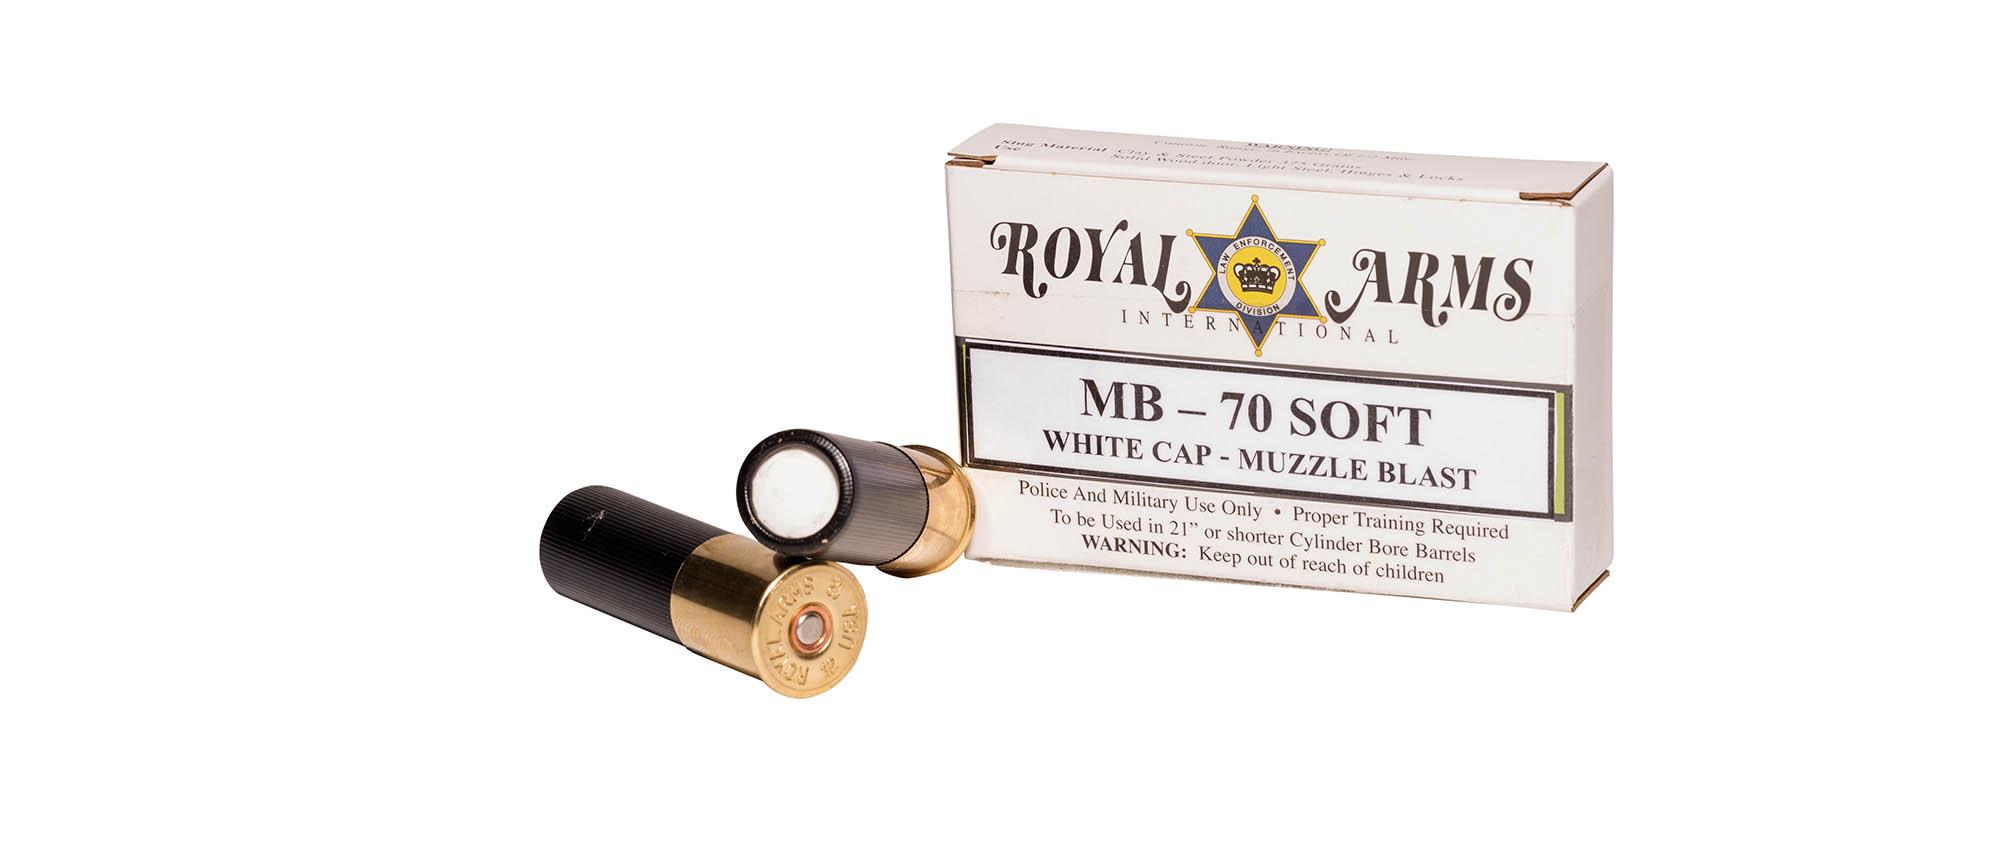 MB-70S 12 GA Muzzle Blast Flash Bang Soft